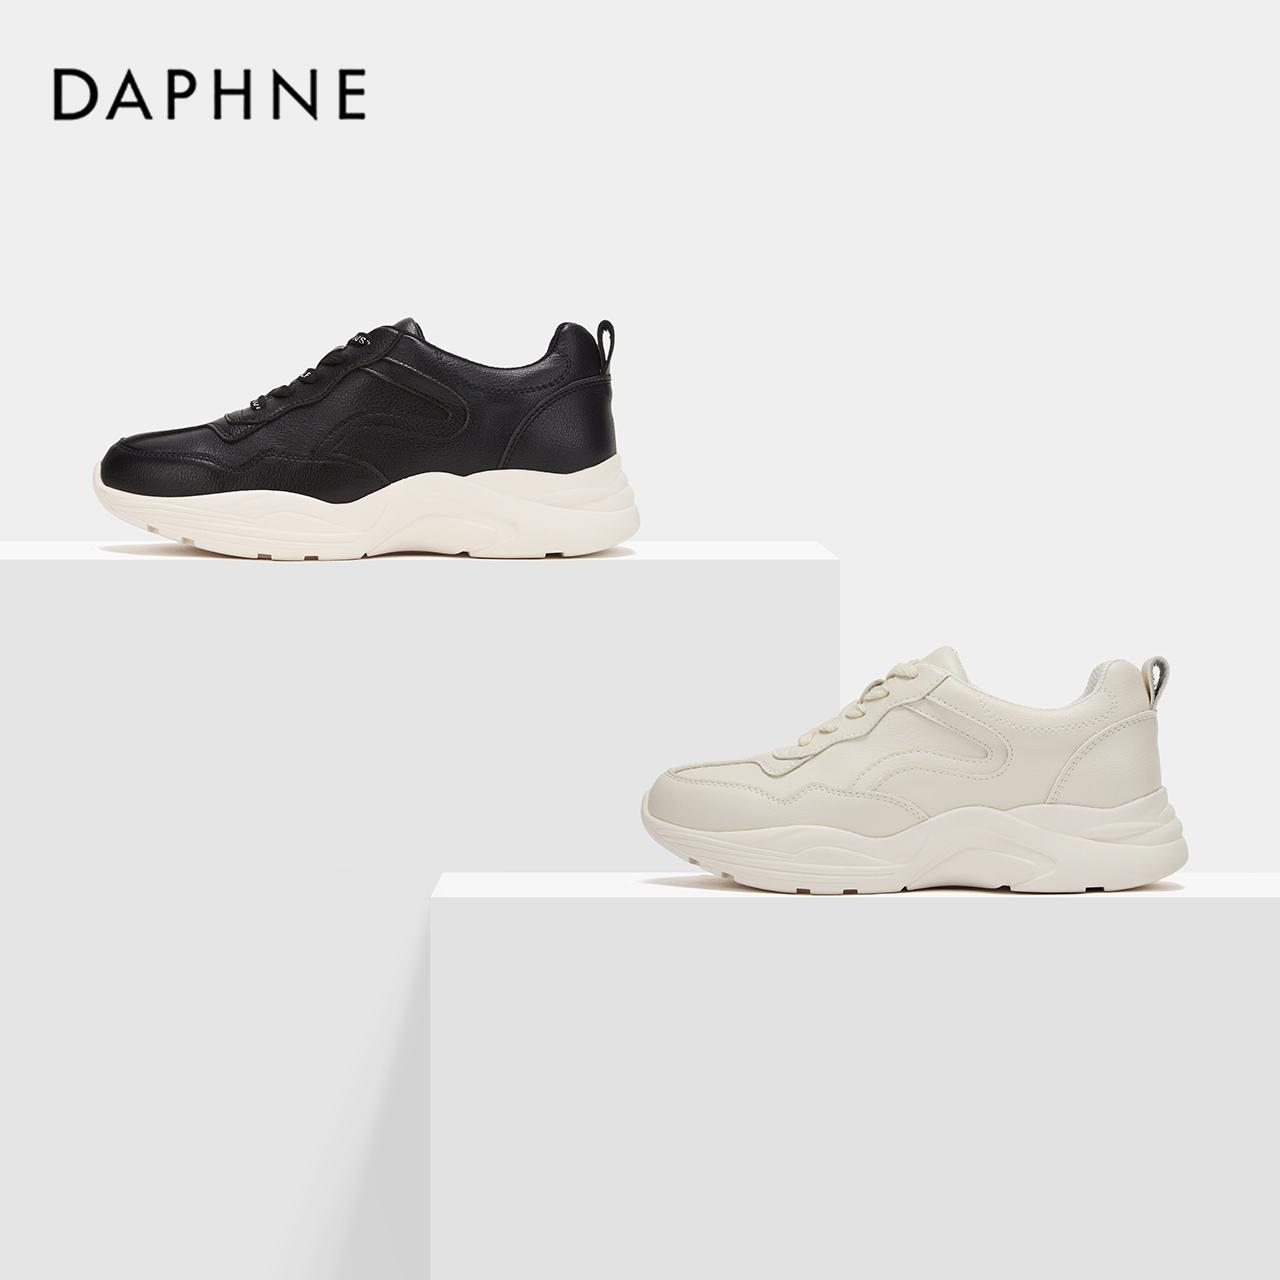 秋头层牛皮都市休闲鞋圆头系带橡胶厚底单鞋 2019 达芙妮 Daphne